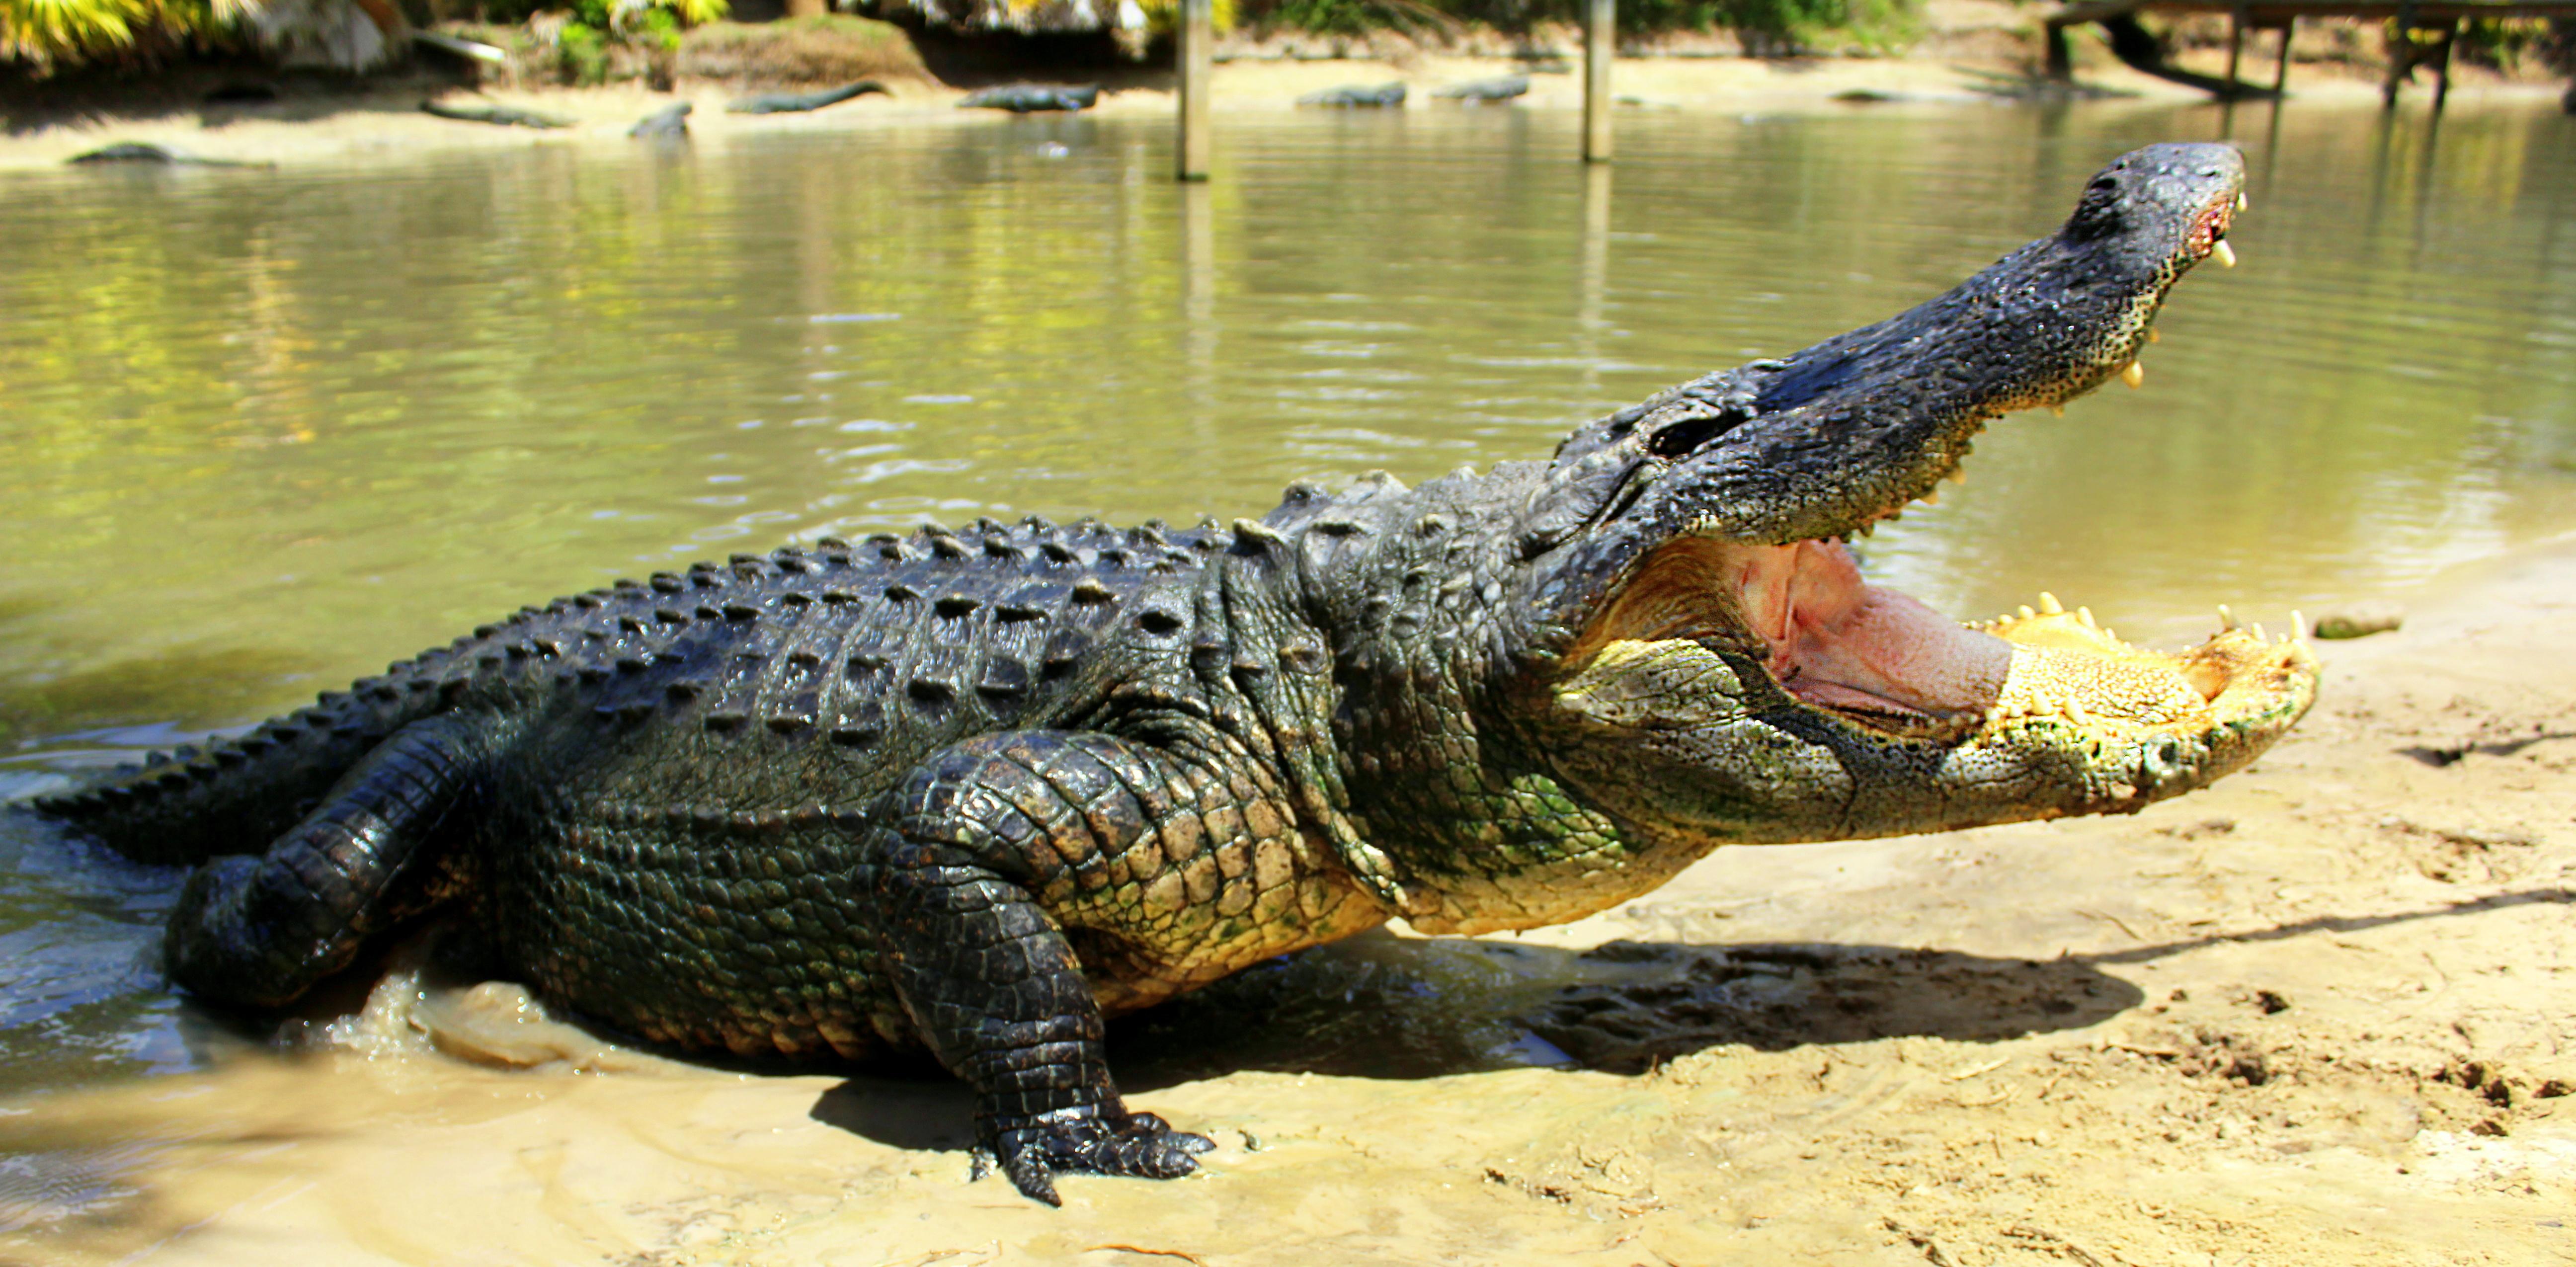 Gator Week